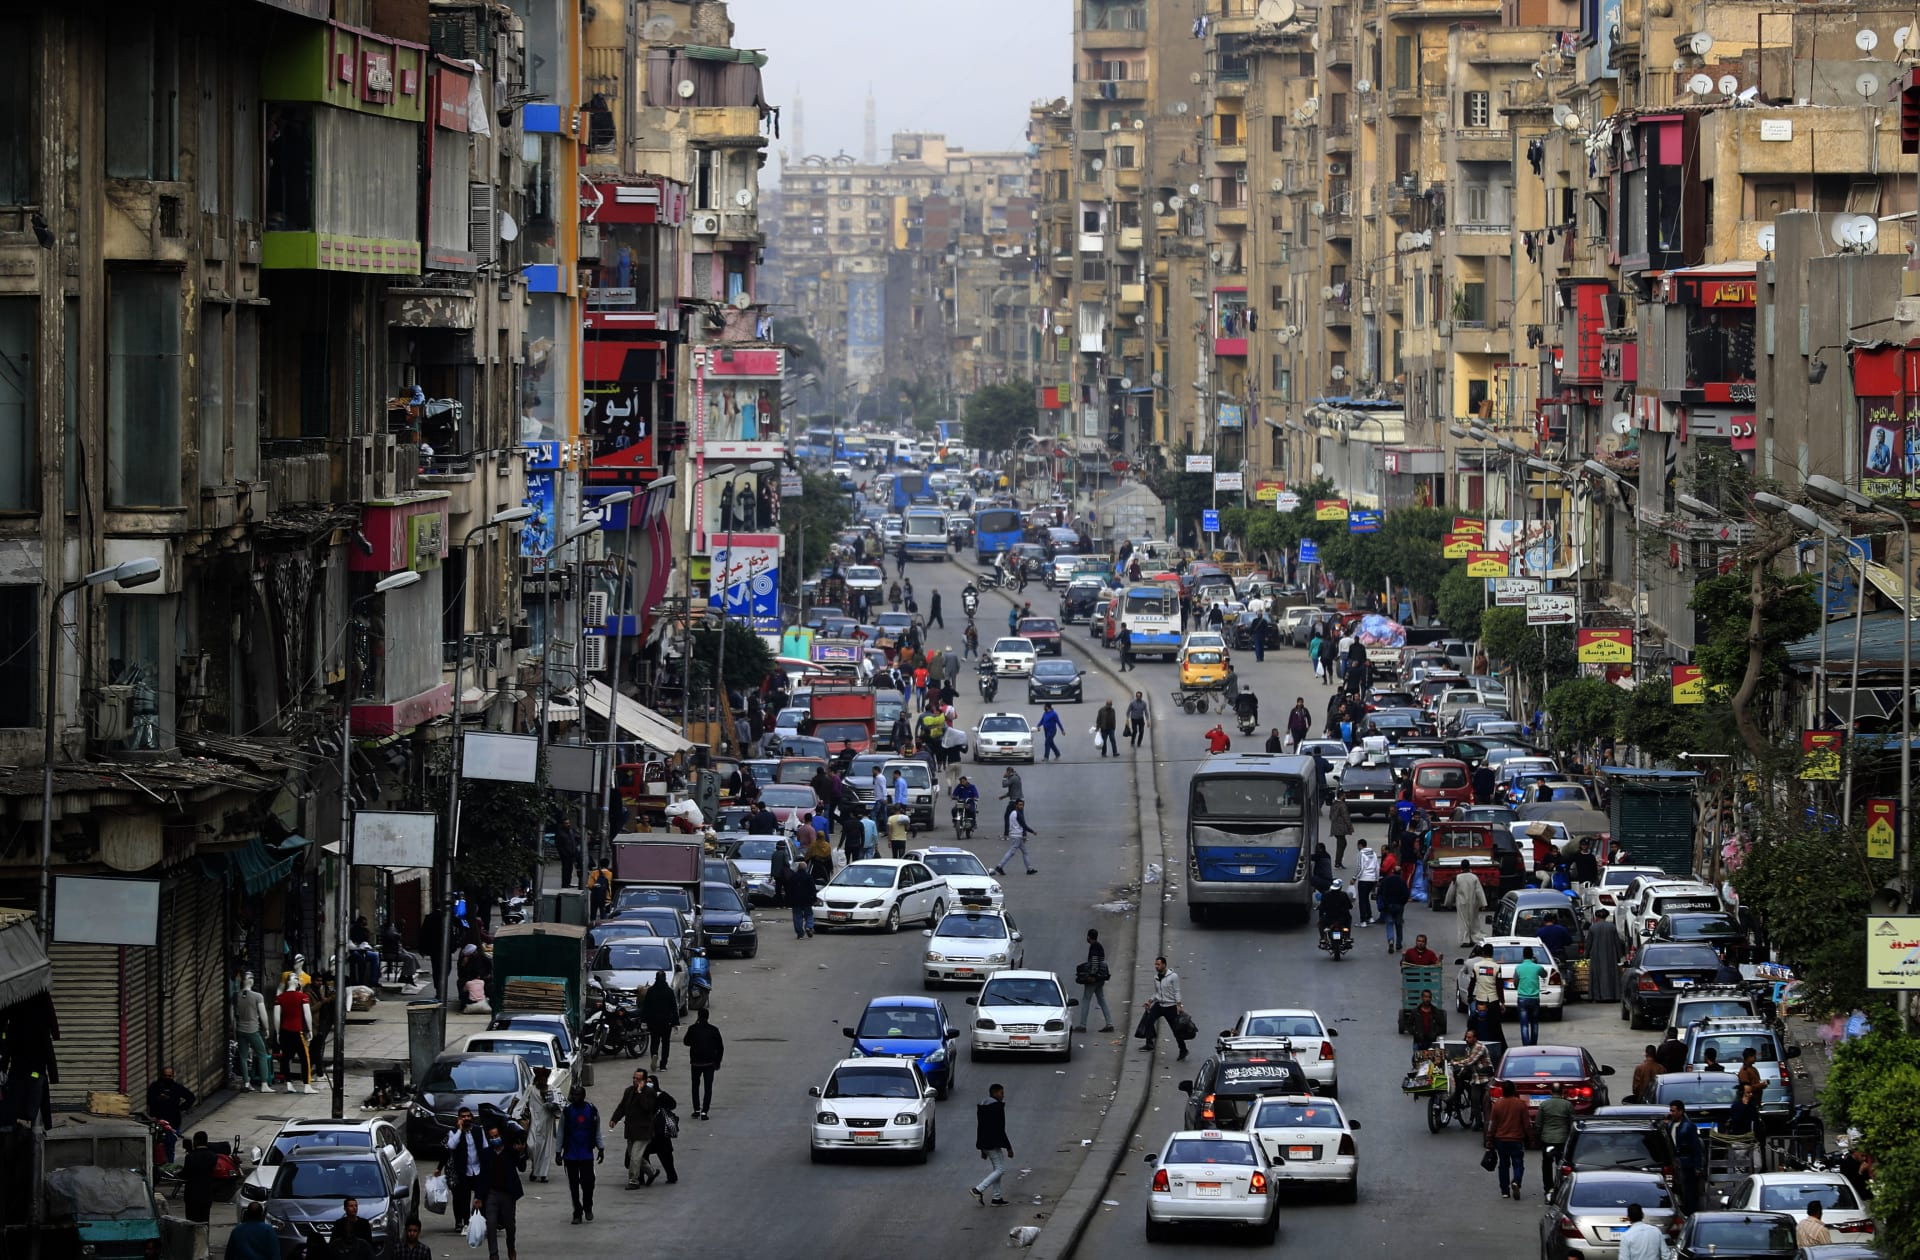 بعد عودة الإصابات للتزايد.. لجنة مكافحة كورونا توضح حقيقة دخول مصر الموجة الثانية